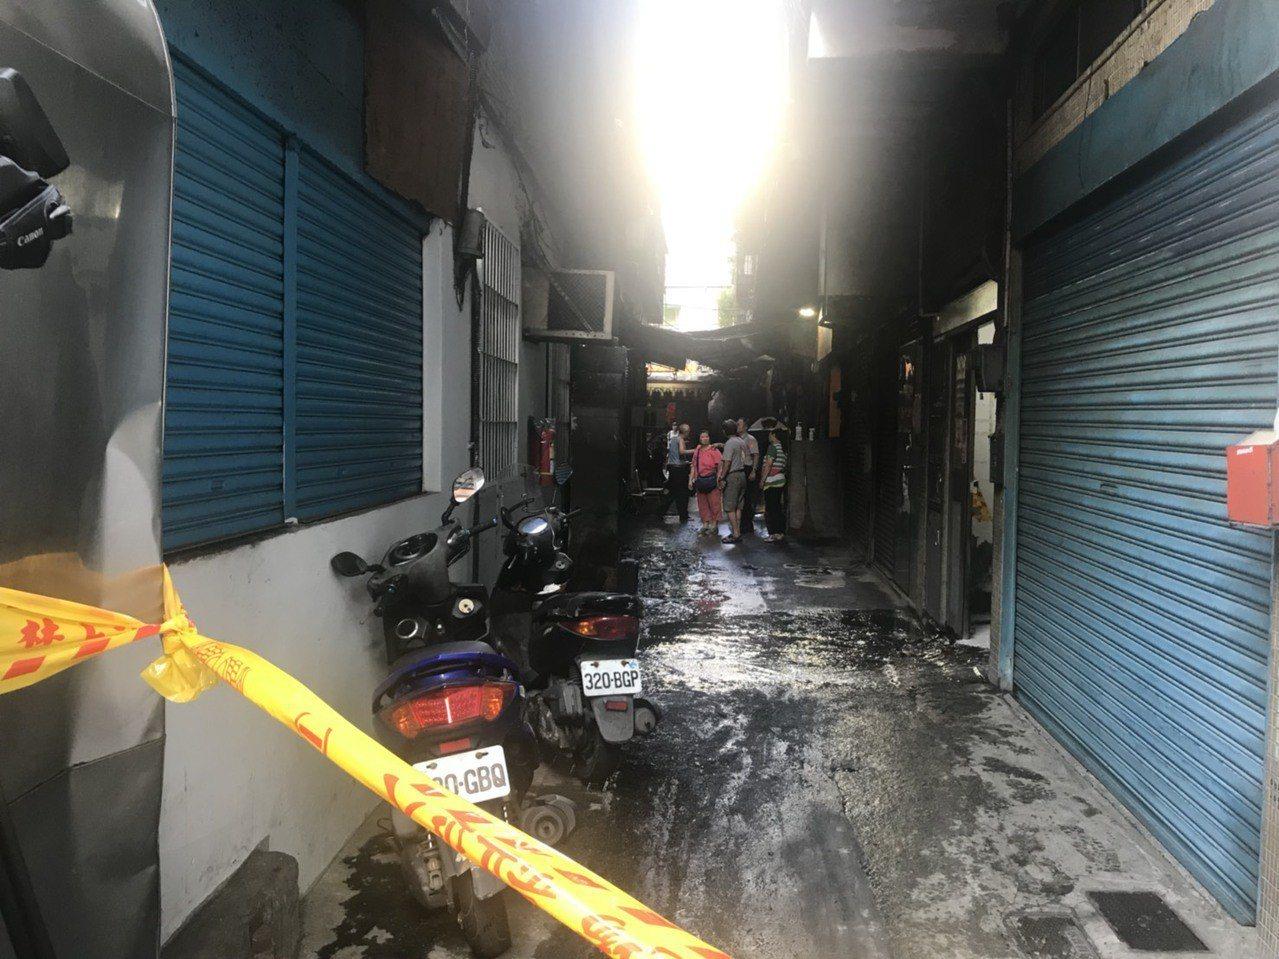 新北市消防局今天清晨3時許接獲報案,淡水區中山路72巷內有5層樓建築物3樓冒出火...